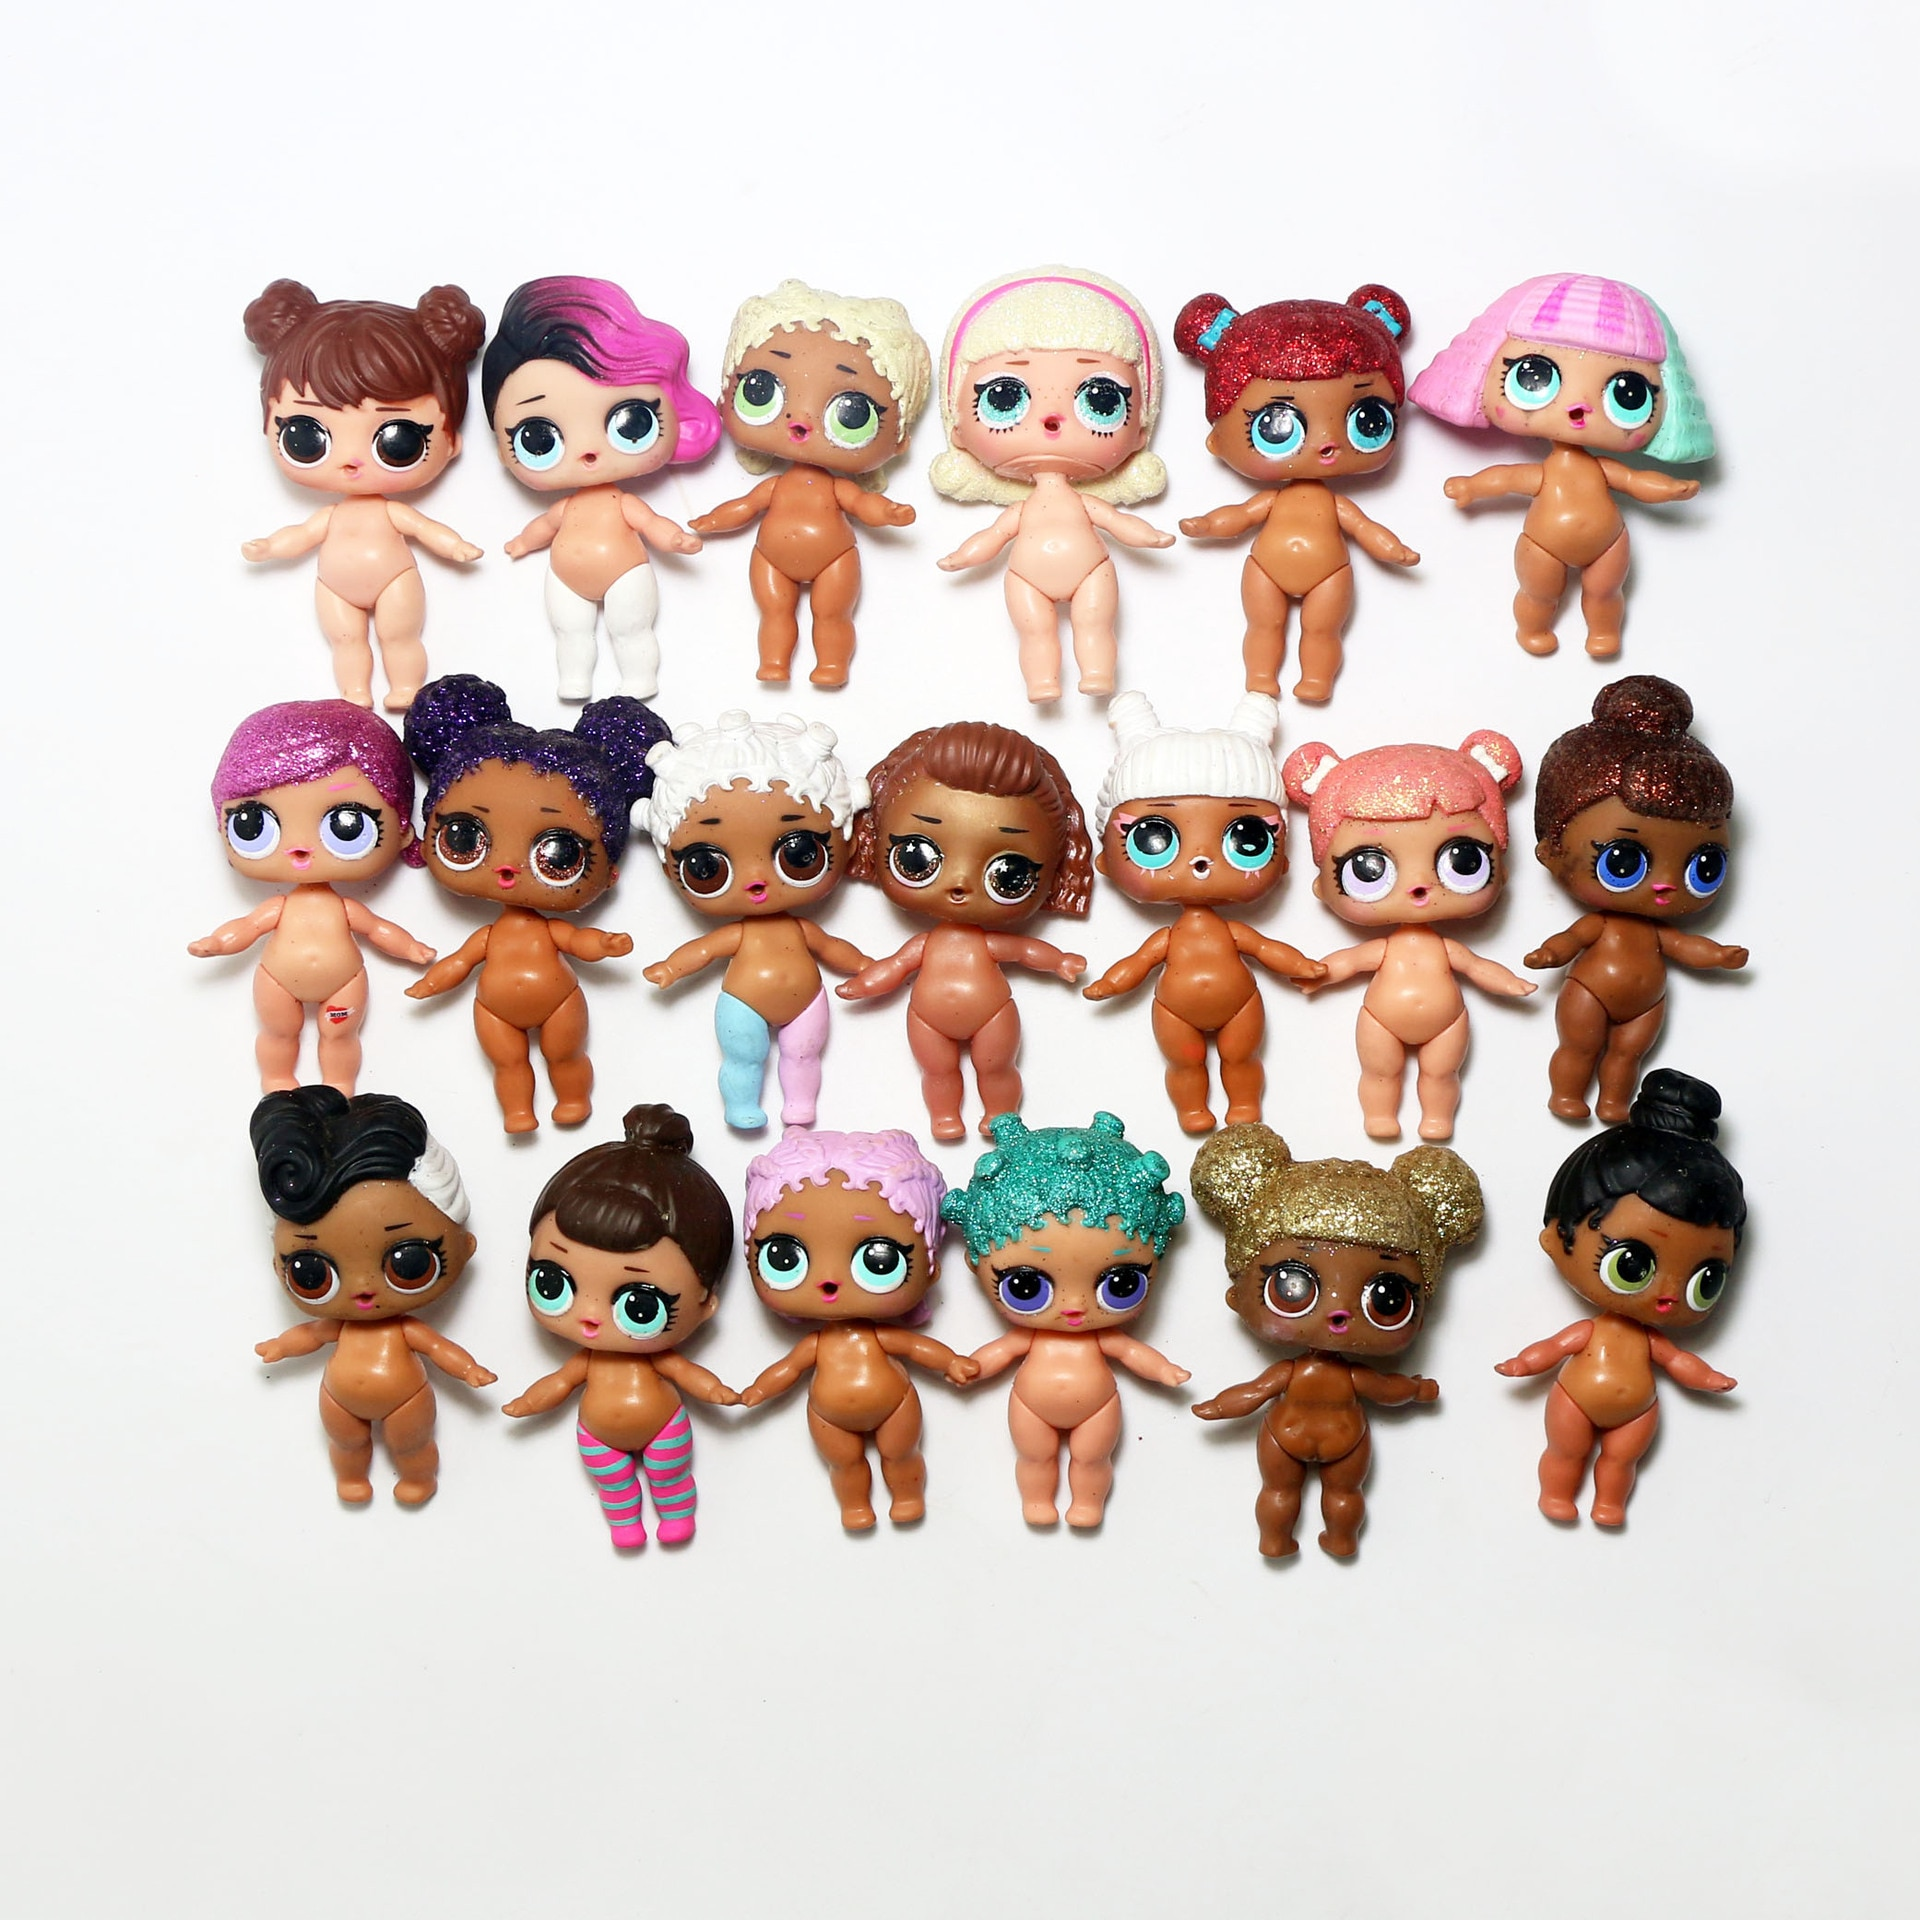 8 см DIY L.O.L.SURPRISE! Куклы lol, игрушки Surpris, кукла поколения, сделай сам, ручная глухая коробка, модель, день рождения, вечеринка, Мультяшные куклы, п...